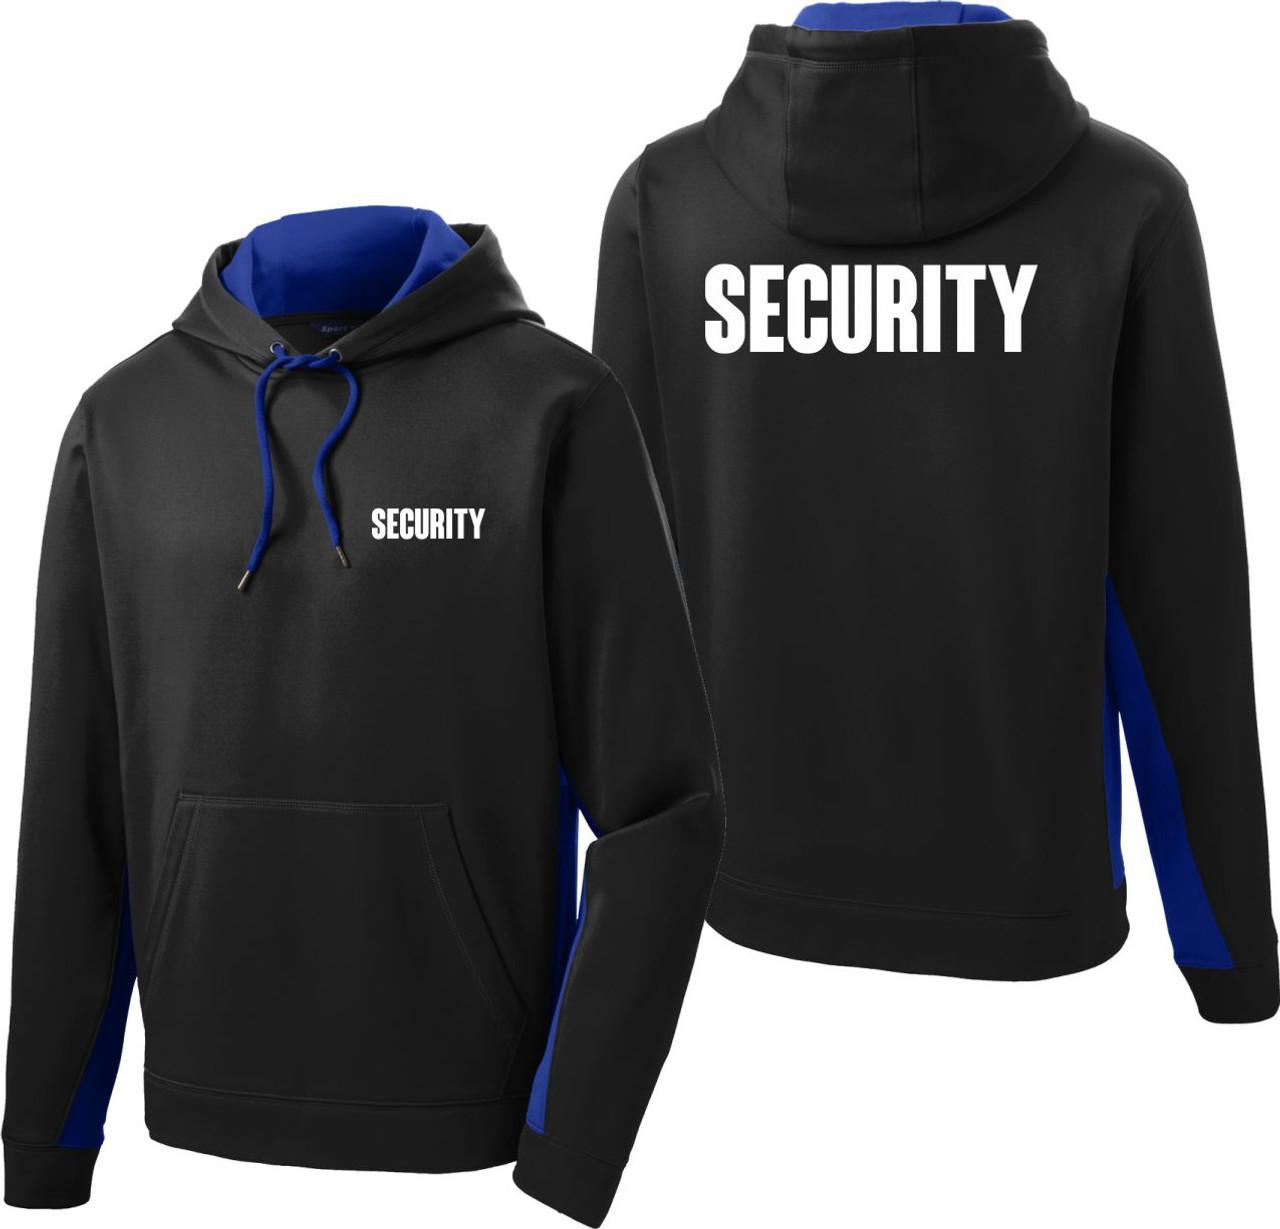 Royal Blue and Black Security Hoodie   Performance Colorblock Fleece Security Hoodie